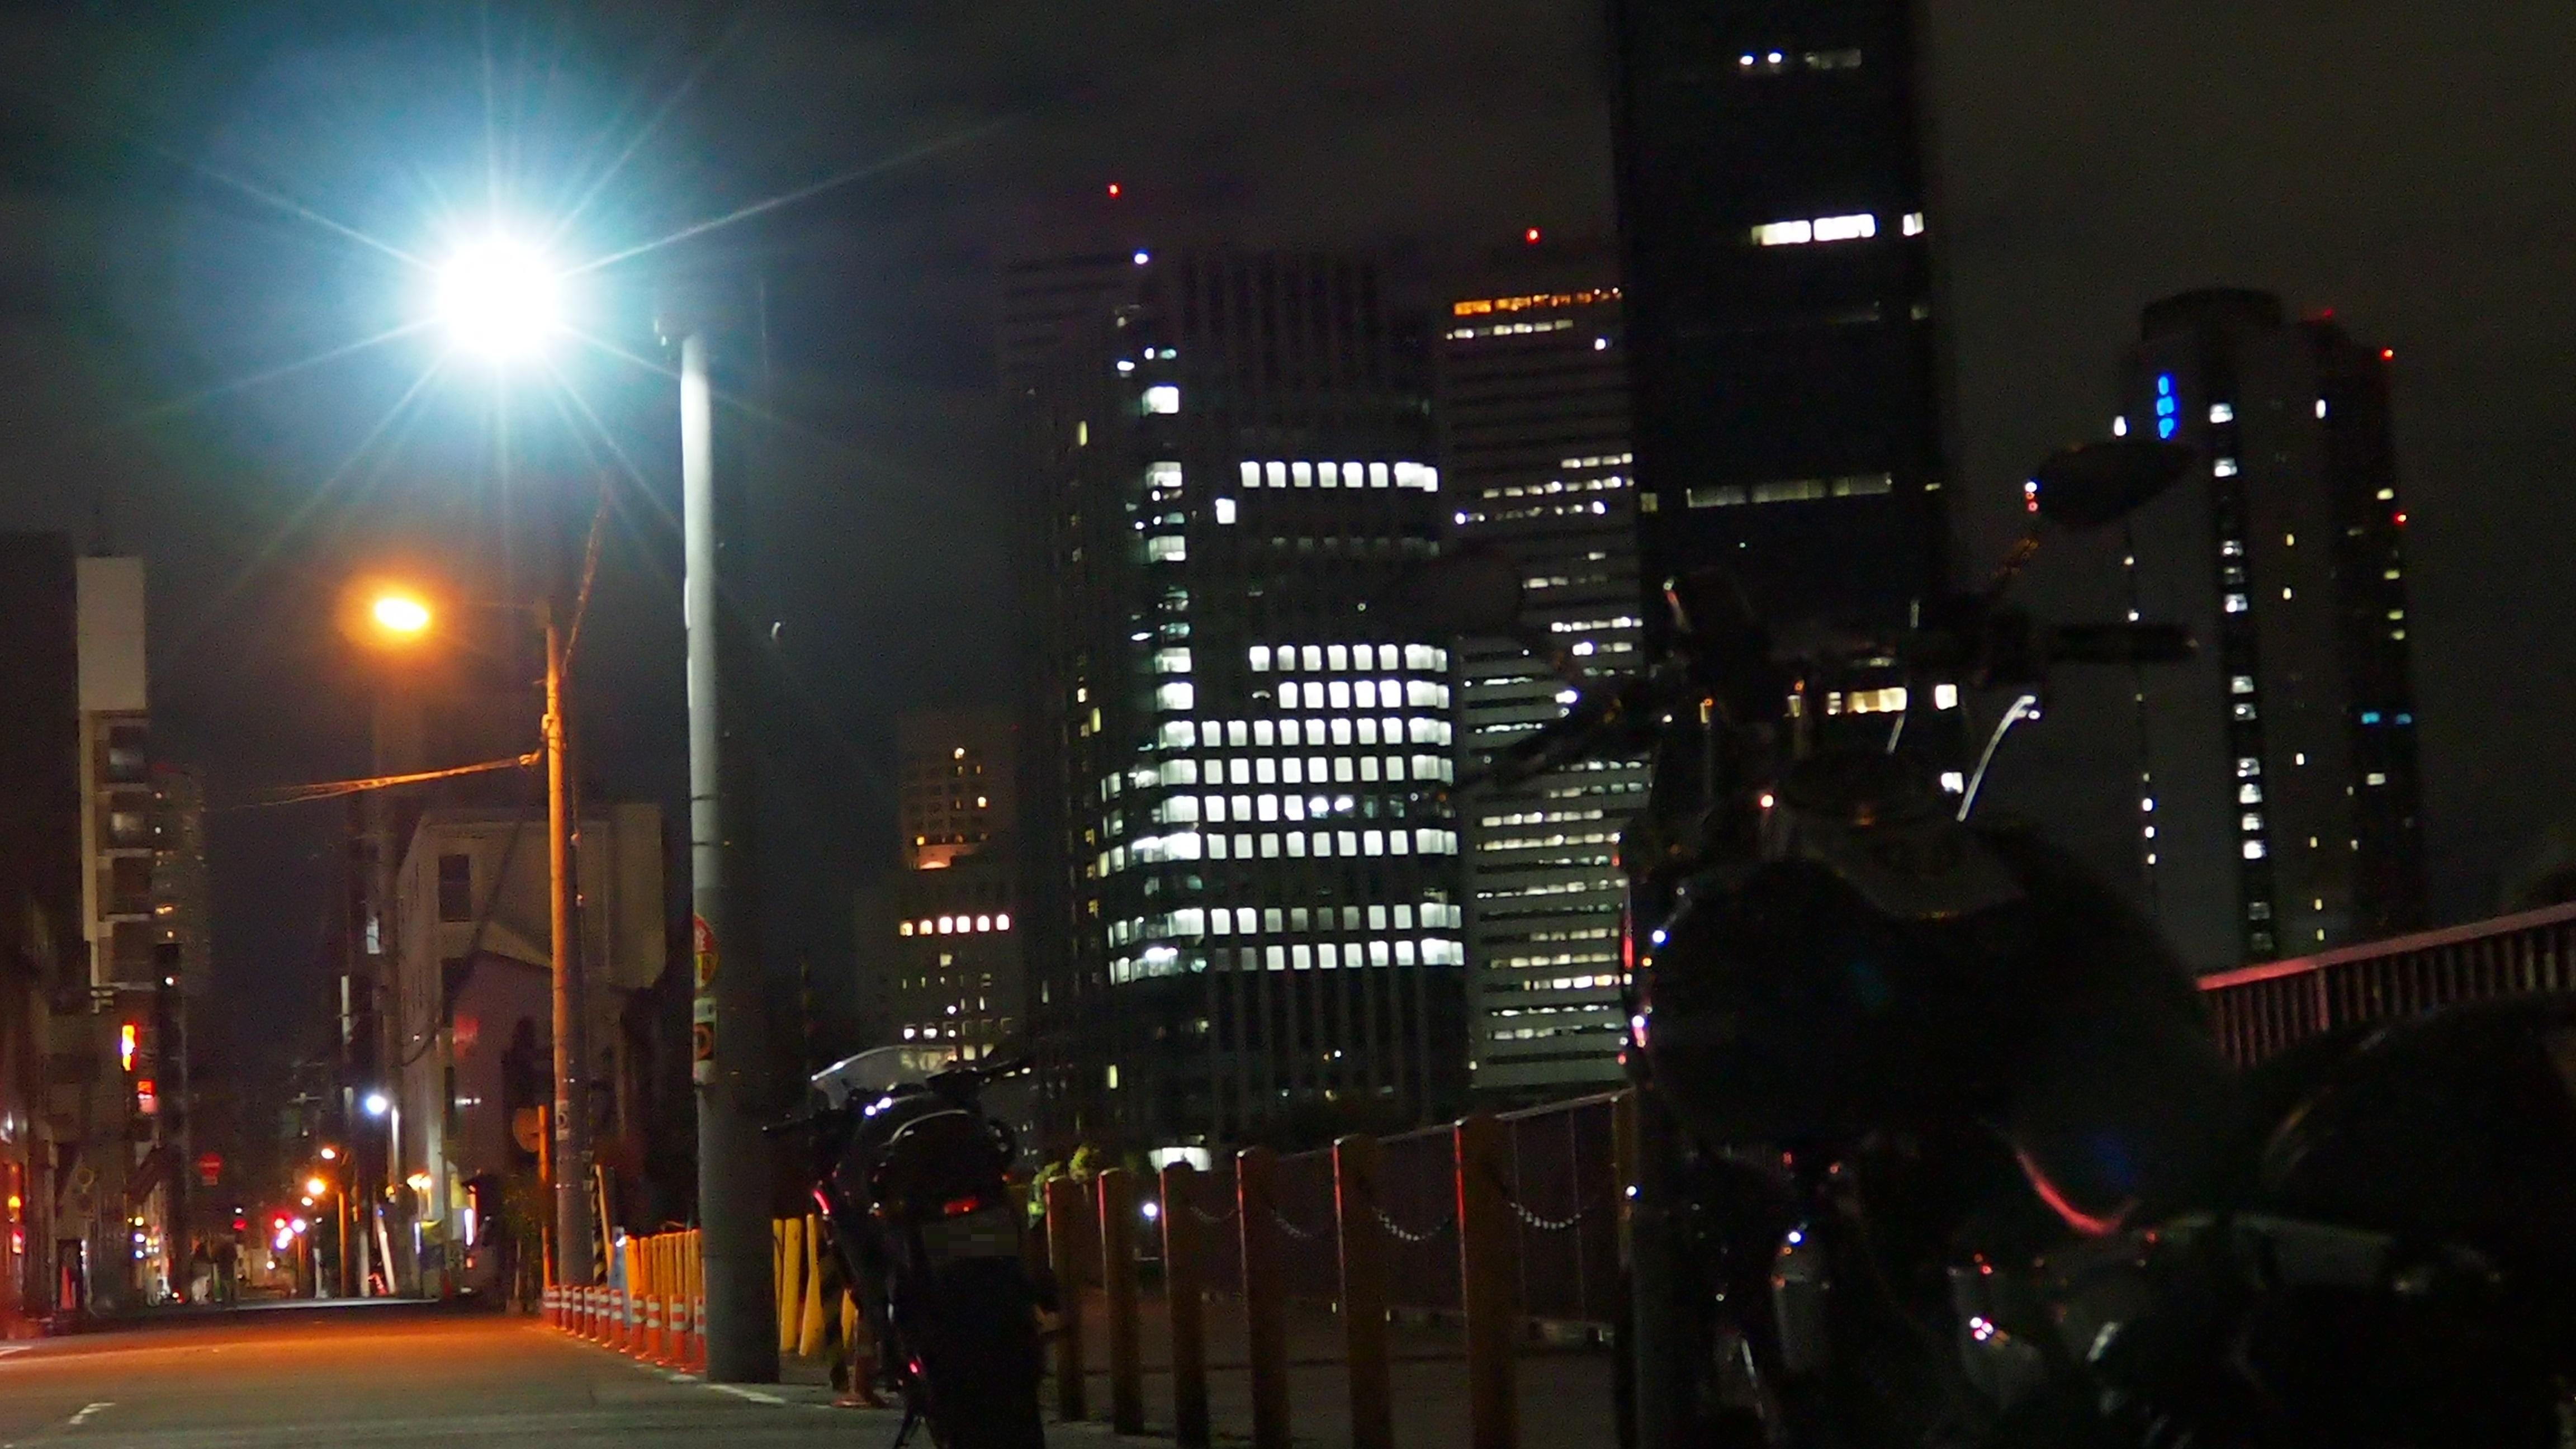 ぴーきち&ダイナ 大阪ナイトツーリング 大阪ビジネスパーク 夜景